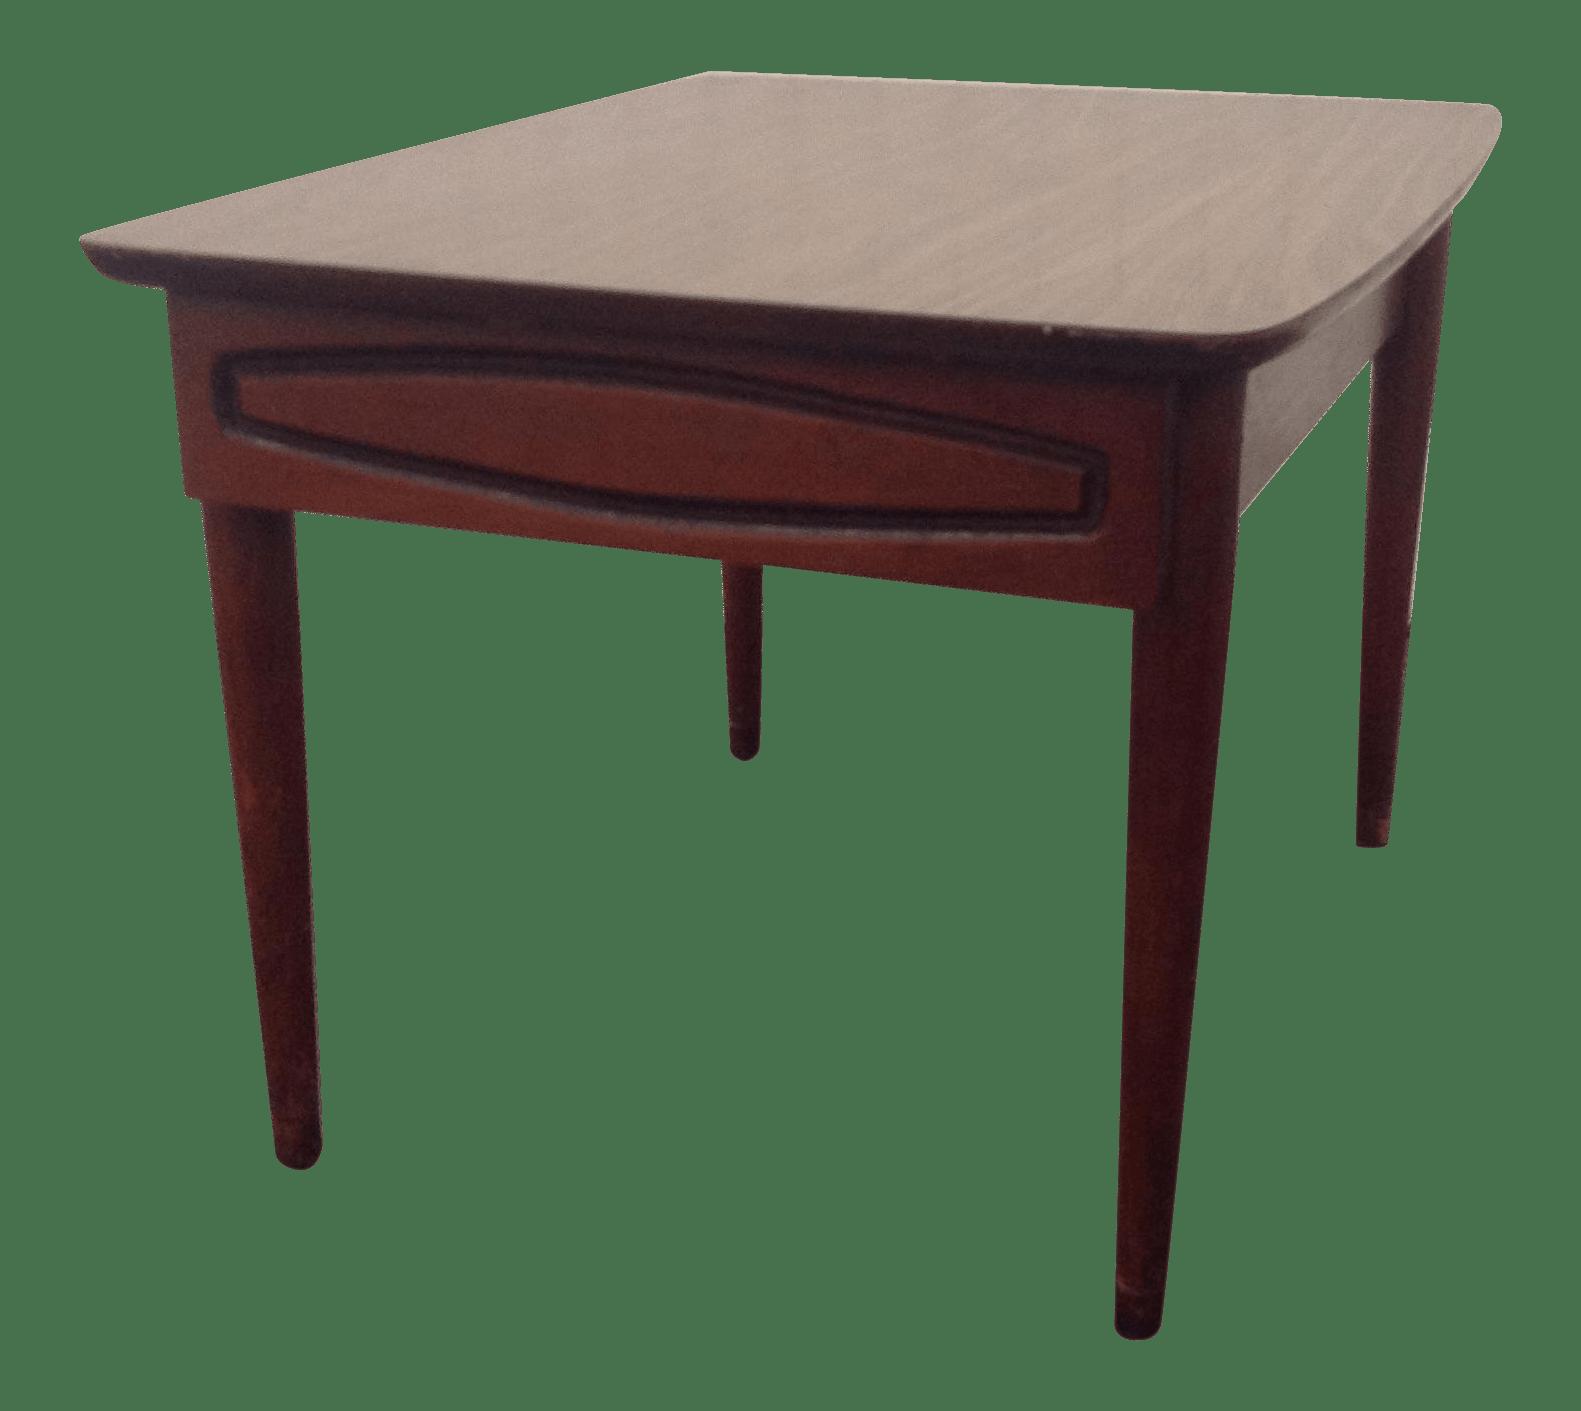 gently used kroehler furniture